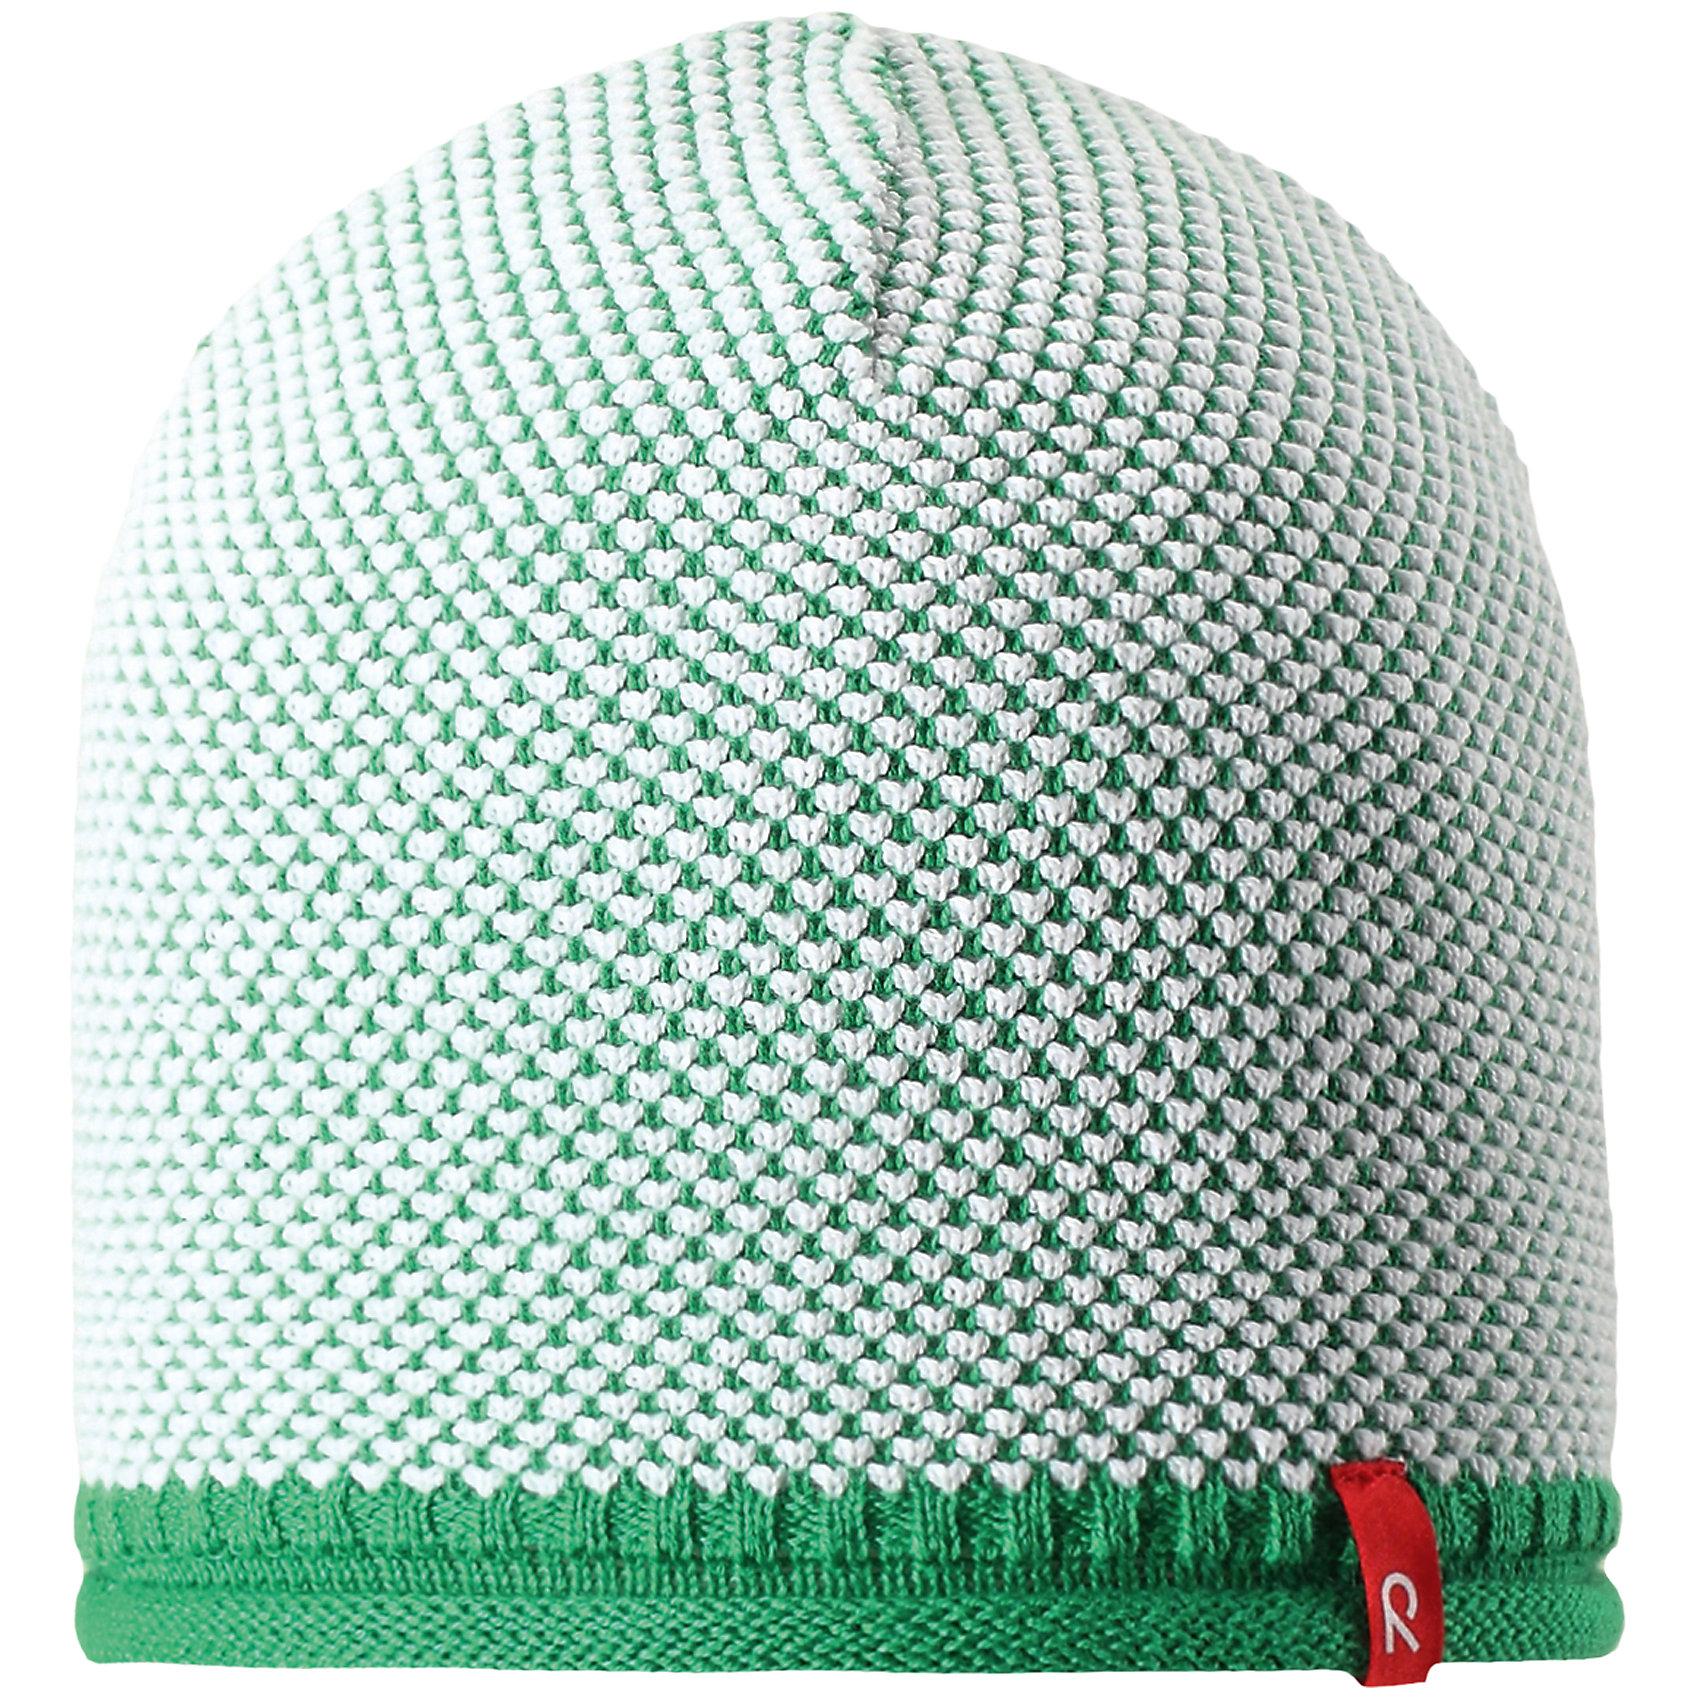 Шапка Seilori для мальчика ReimaШапки и шарфы<br>Характеристики товара:<br><br>• цвет: зеленый<br>• состав: 100% хлопок<br>• температурный режим: от +10С<br>• эластичный хлопковый трикотаж<br>• изделие сертифицированно по стандарту Oeko-Tex на продукцию класса 2 - одежда, контактирующая с кожей<br>• облегчённая модель без подкладки<br>• эмблема Reima спереди<br>• декоративная структурная вязка<br>• страна бренда: Финляндия<br>• страна производства: Китай<br><br>Детский головной убор может быть модным и удобным одновременно! Стильная шапка поможет обеспечить ребенку комфорт и дополнить наряд. Шапка удобно сидит и аккуратно выглядит. Проста в уходе, долго служит. Стильный дизайн разрабатывался специально для детей. Отличная защита от дождя и ветра!<br><br>Уход:<br><br>• стирать по отдельности, вывернув наизнанку<br>• придать первоначальную форму вo влажном виде<br>• возможна усадка 5 %.<br><br>Шапку для мальчика от финского бренда Reima (Рейма) можно купить в нашем интернет-магазине.<br><br>Ширина мм: 89<br>Глубина мм: 117<br>Высота мм: 44<br>Вес г: 155<br>Цвет: зеленый<br>Возраст от месяцев: 48<br>Возраст до месяцев: 84<br>Пол: Мужской<br>Возраст: Детский<br>Размер: 54,56,50,52<br>SKU: 5267799